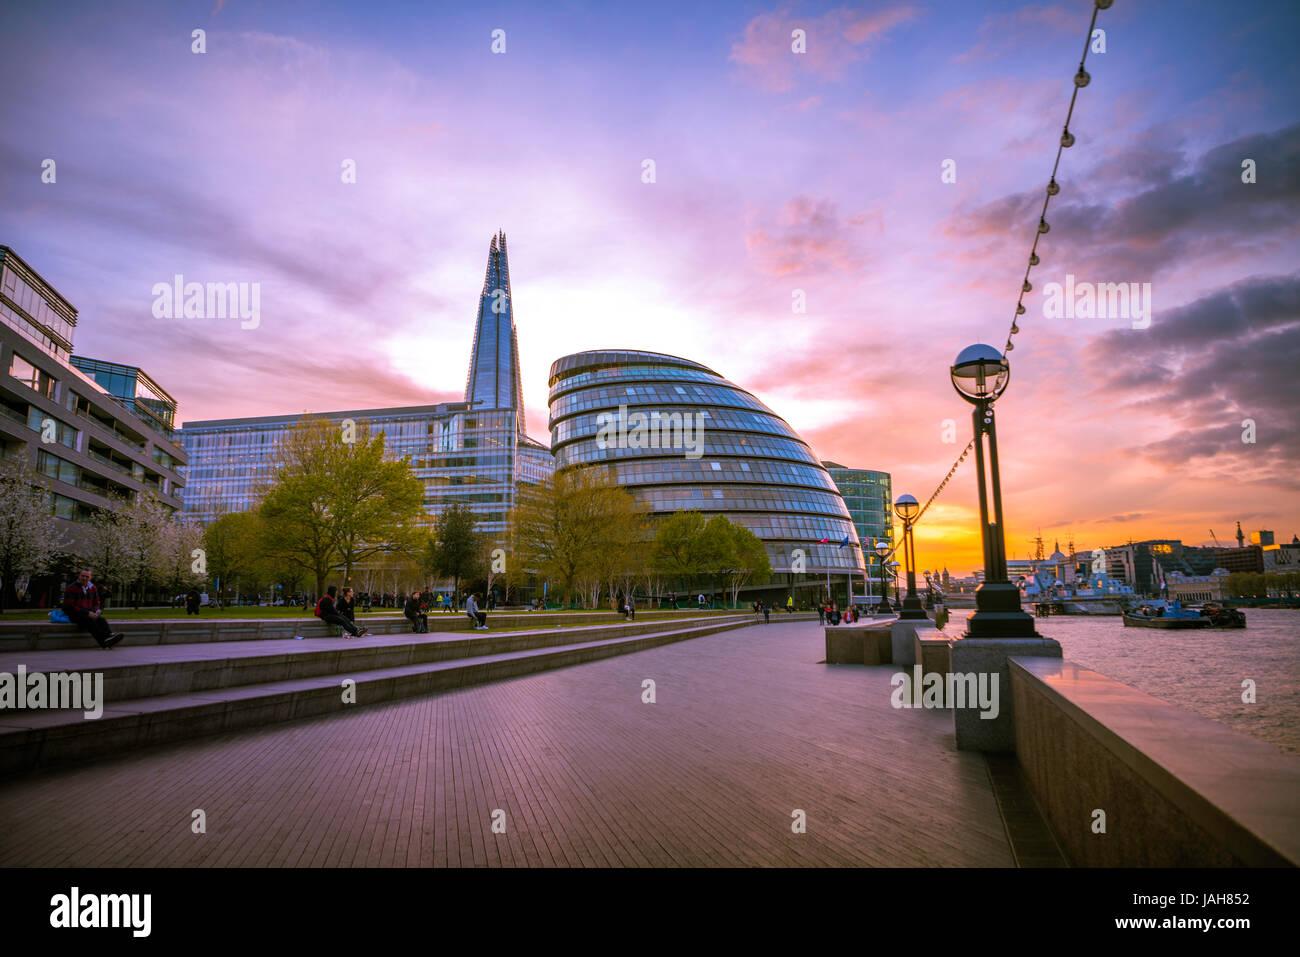 La promenade Riverside, sur la Tamise, potiers, Parc des champs d'horizon, l'Hôtel de ville de Londres, Photo Stock